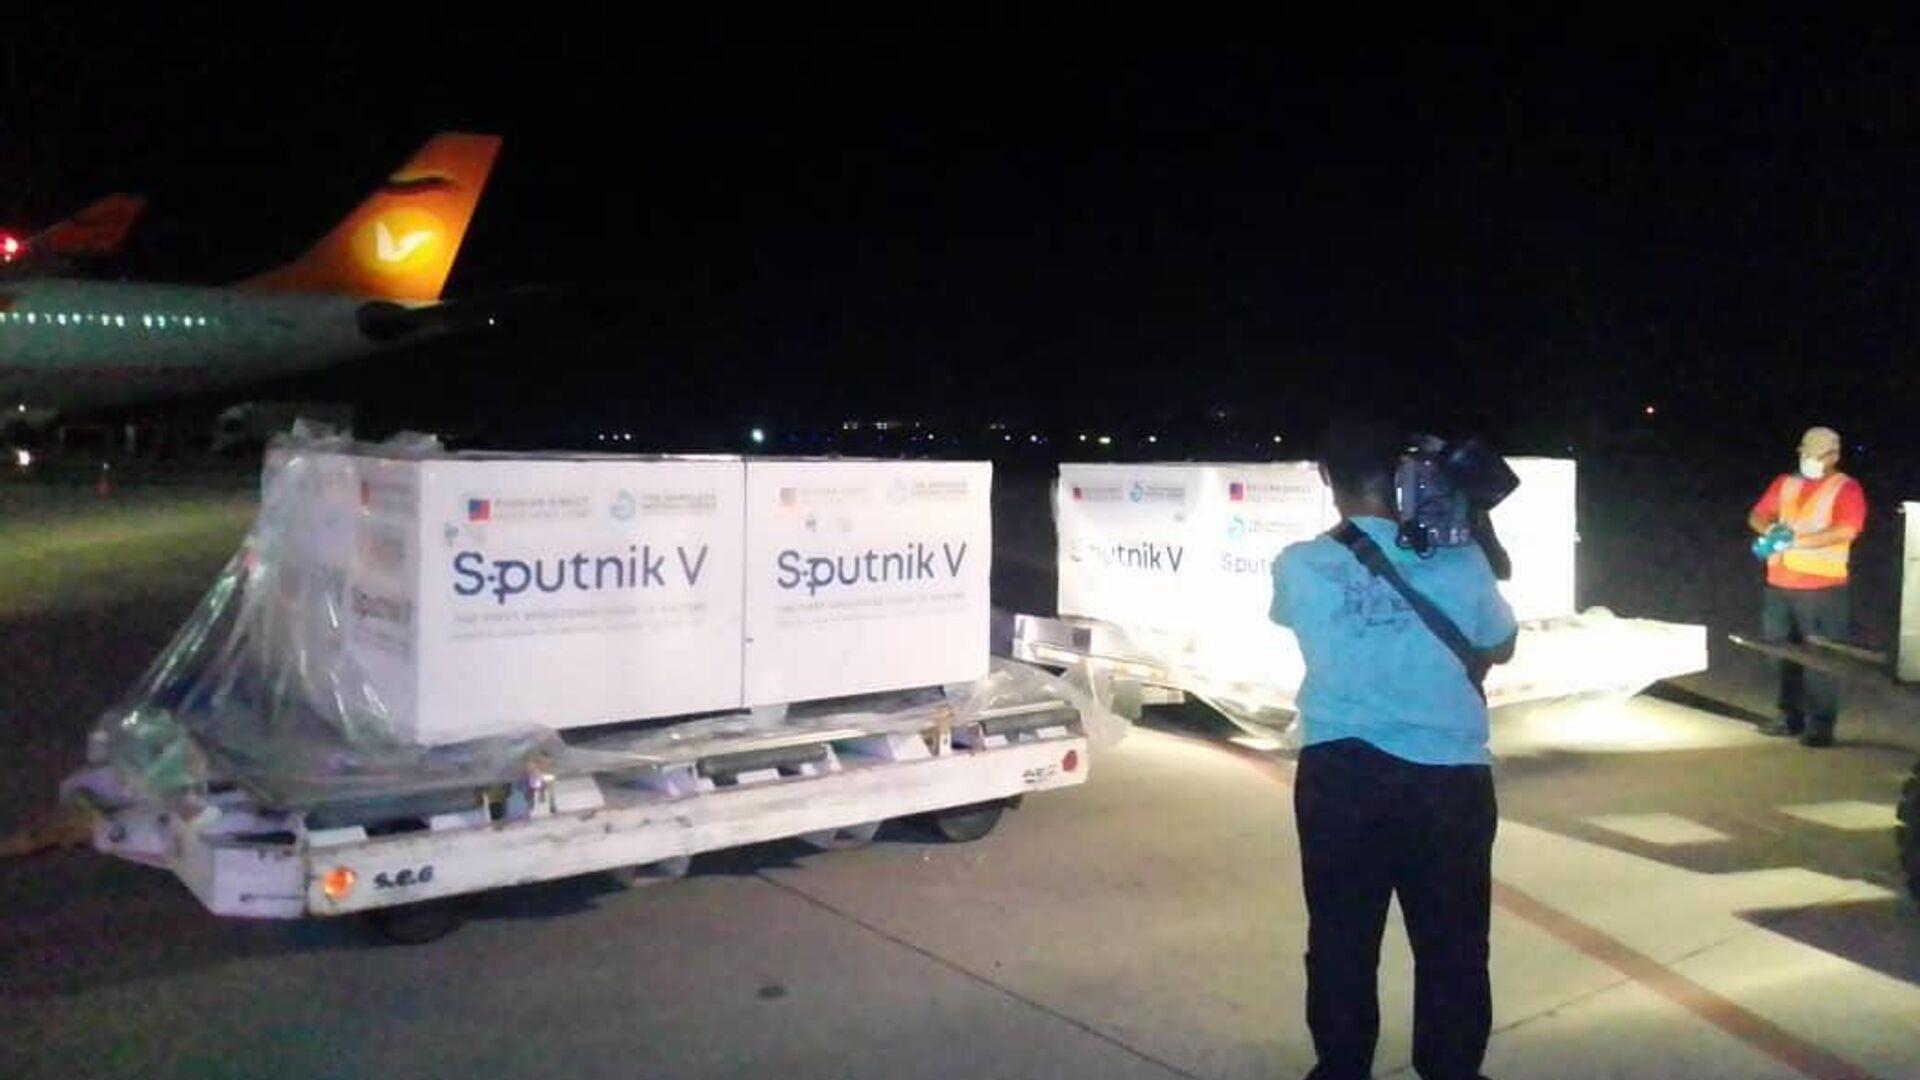 El sexto cargamento de la vacuna Sputnik V llega a Venezuela - Sputnik Mundo, 1920, 03.05.2021